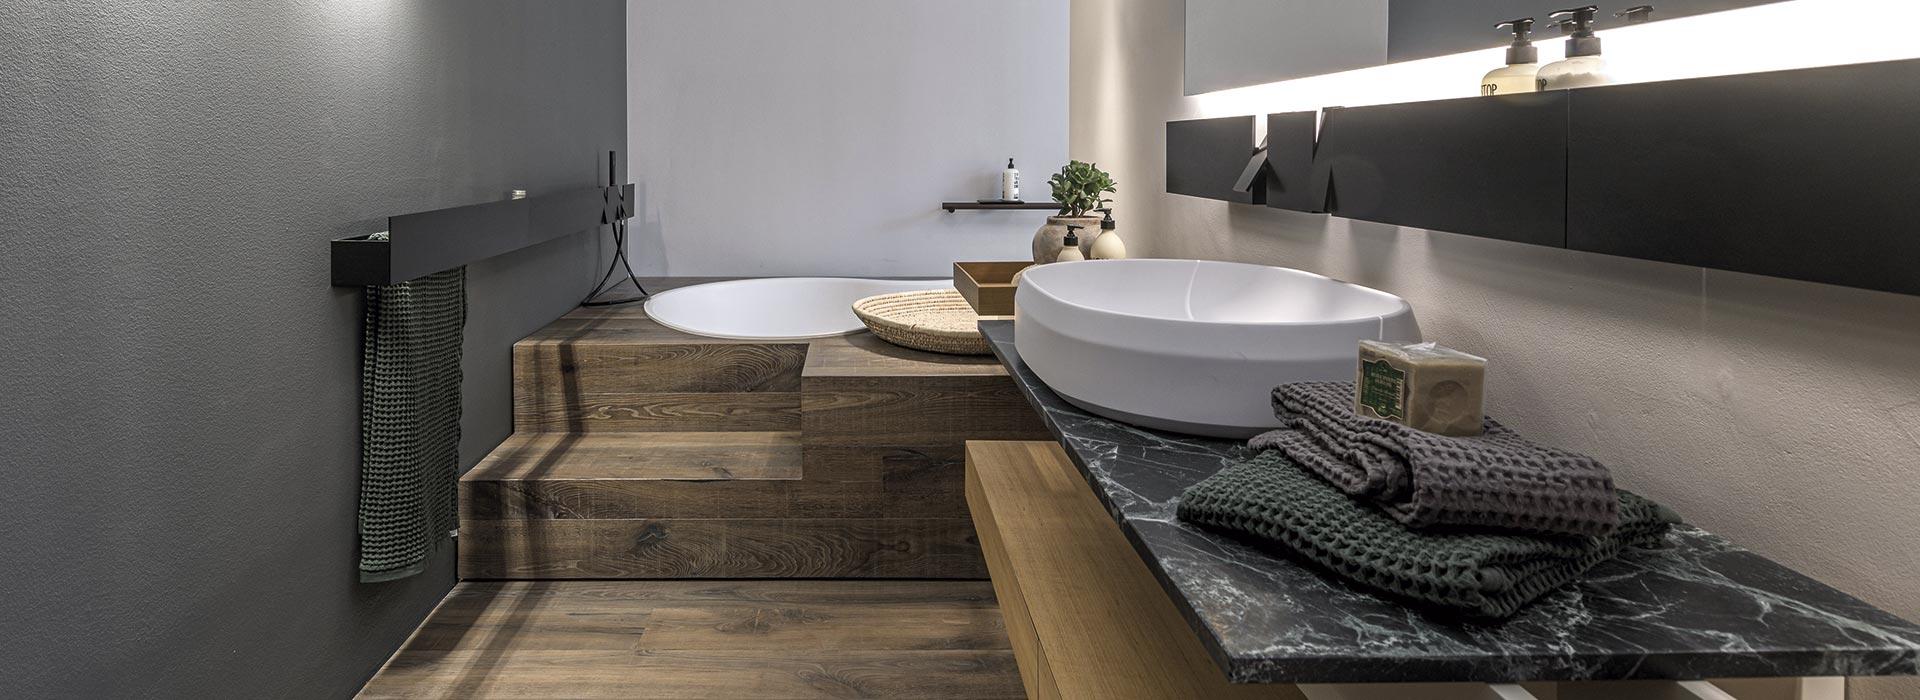 individuelles Badezimmer mit Badewanne im Boden